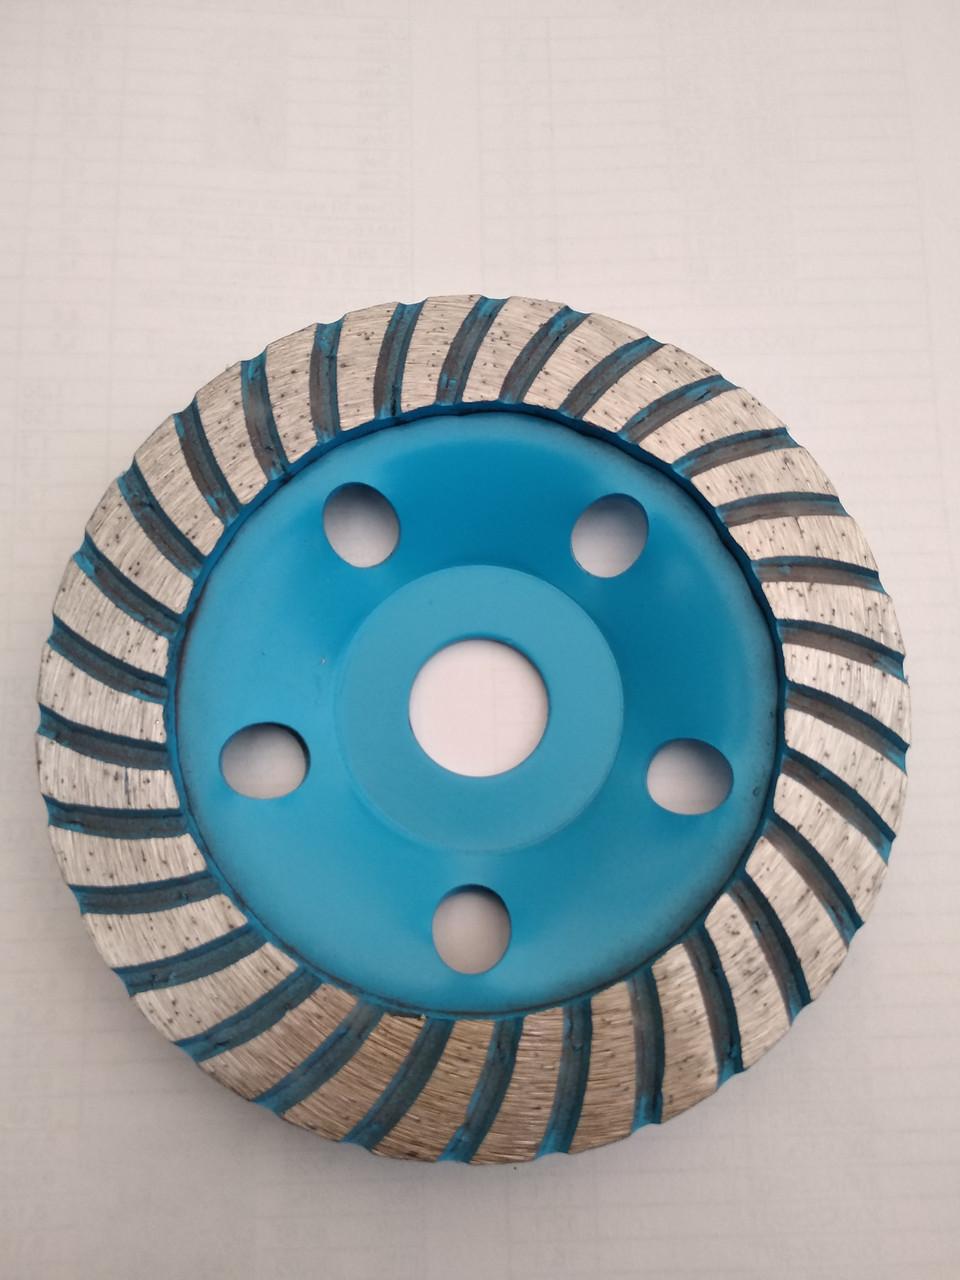 Алмазная шлифовальная чашка по бетону купить купить диски по бетону 400